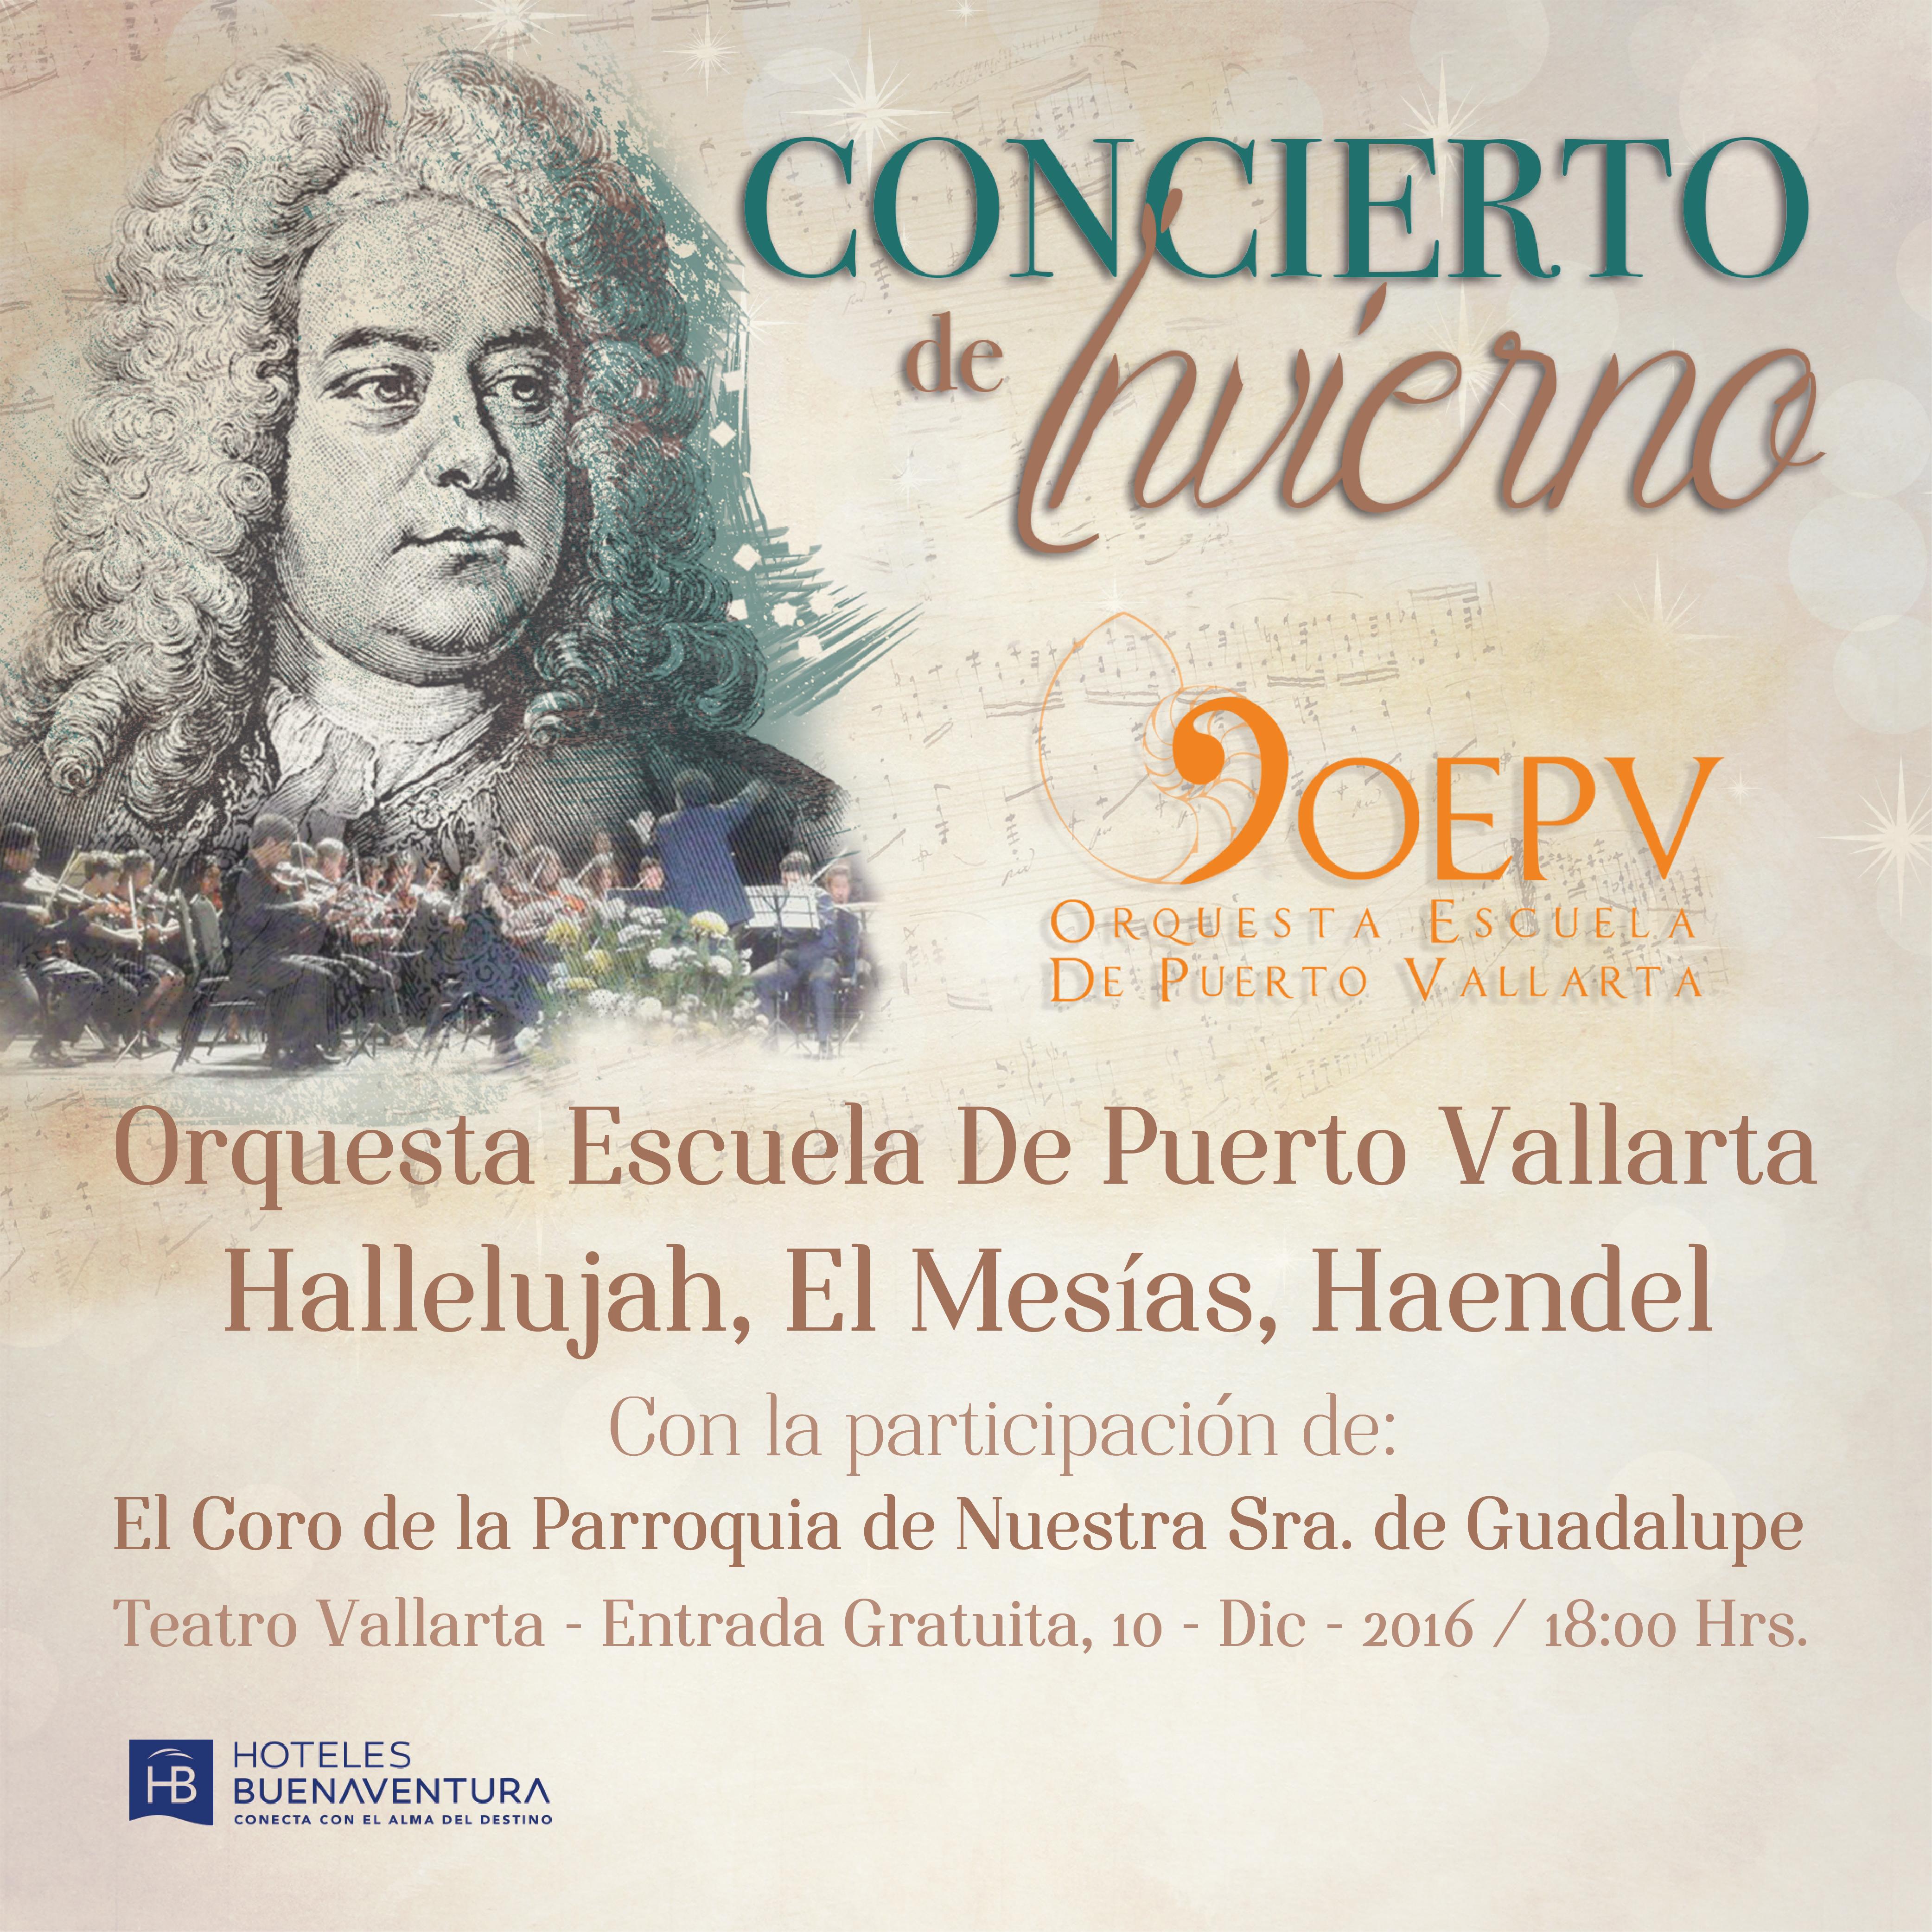 La entrada será completamente gratis a partir de las 18:00 horas en el Teatro Vallarta